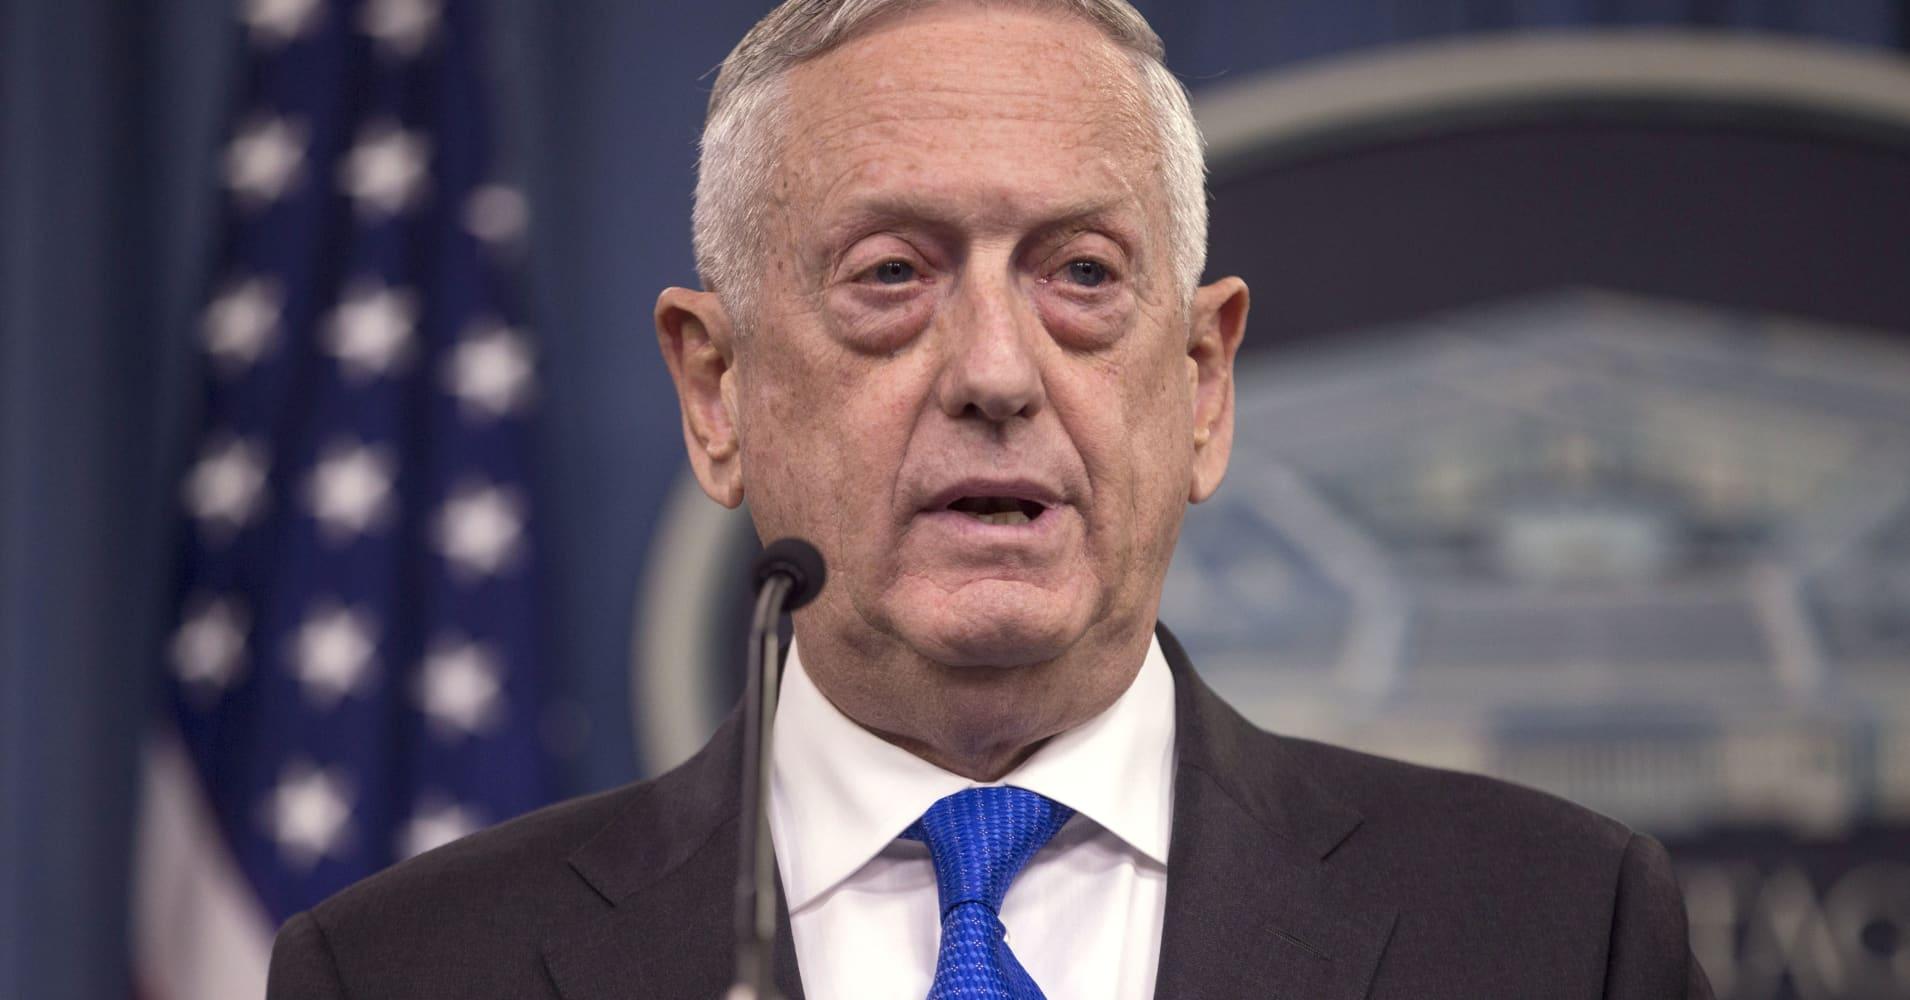 Trump suggests Defense Secretary Mattis may depart Pentagon, calls him 'sort of a Democrat'